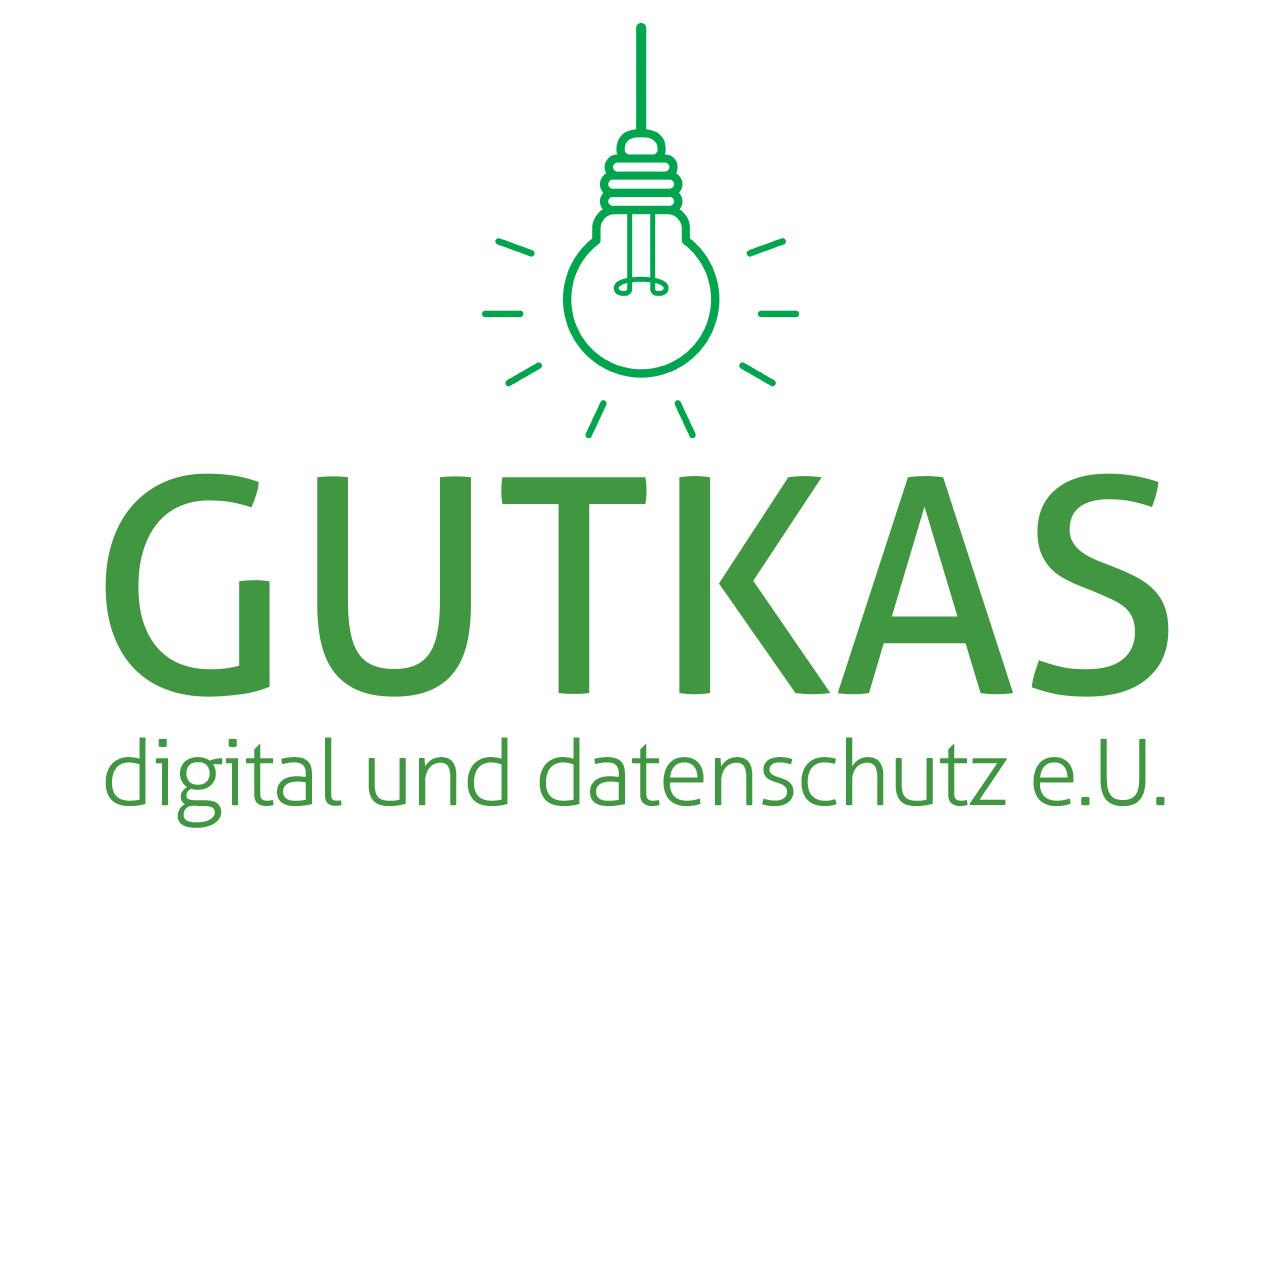 GUTKAS digital und datenschutz e.U. - Niederösterreich / Wien